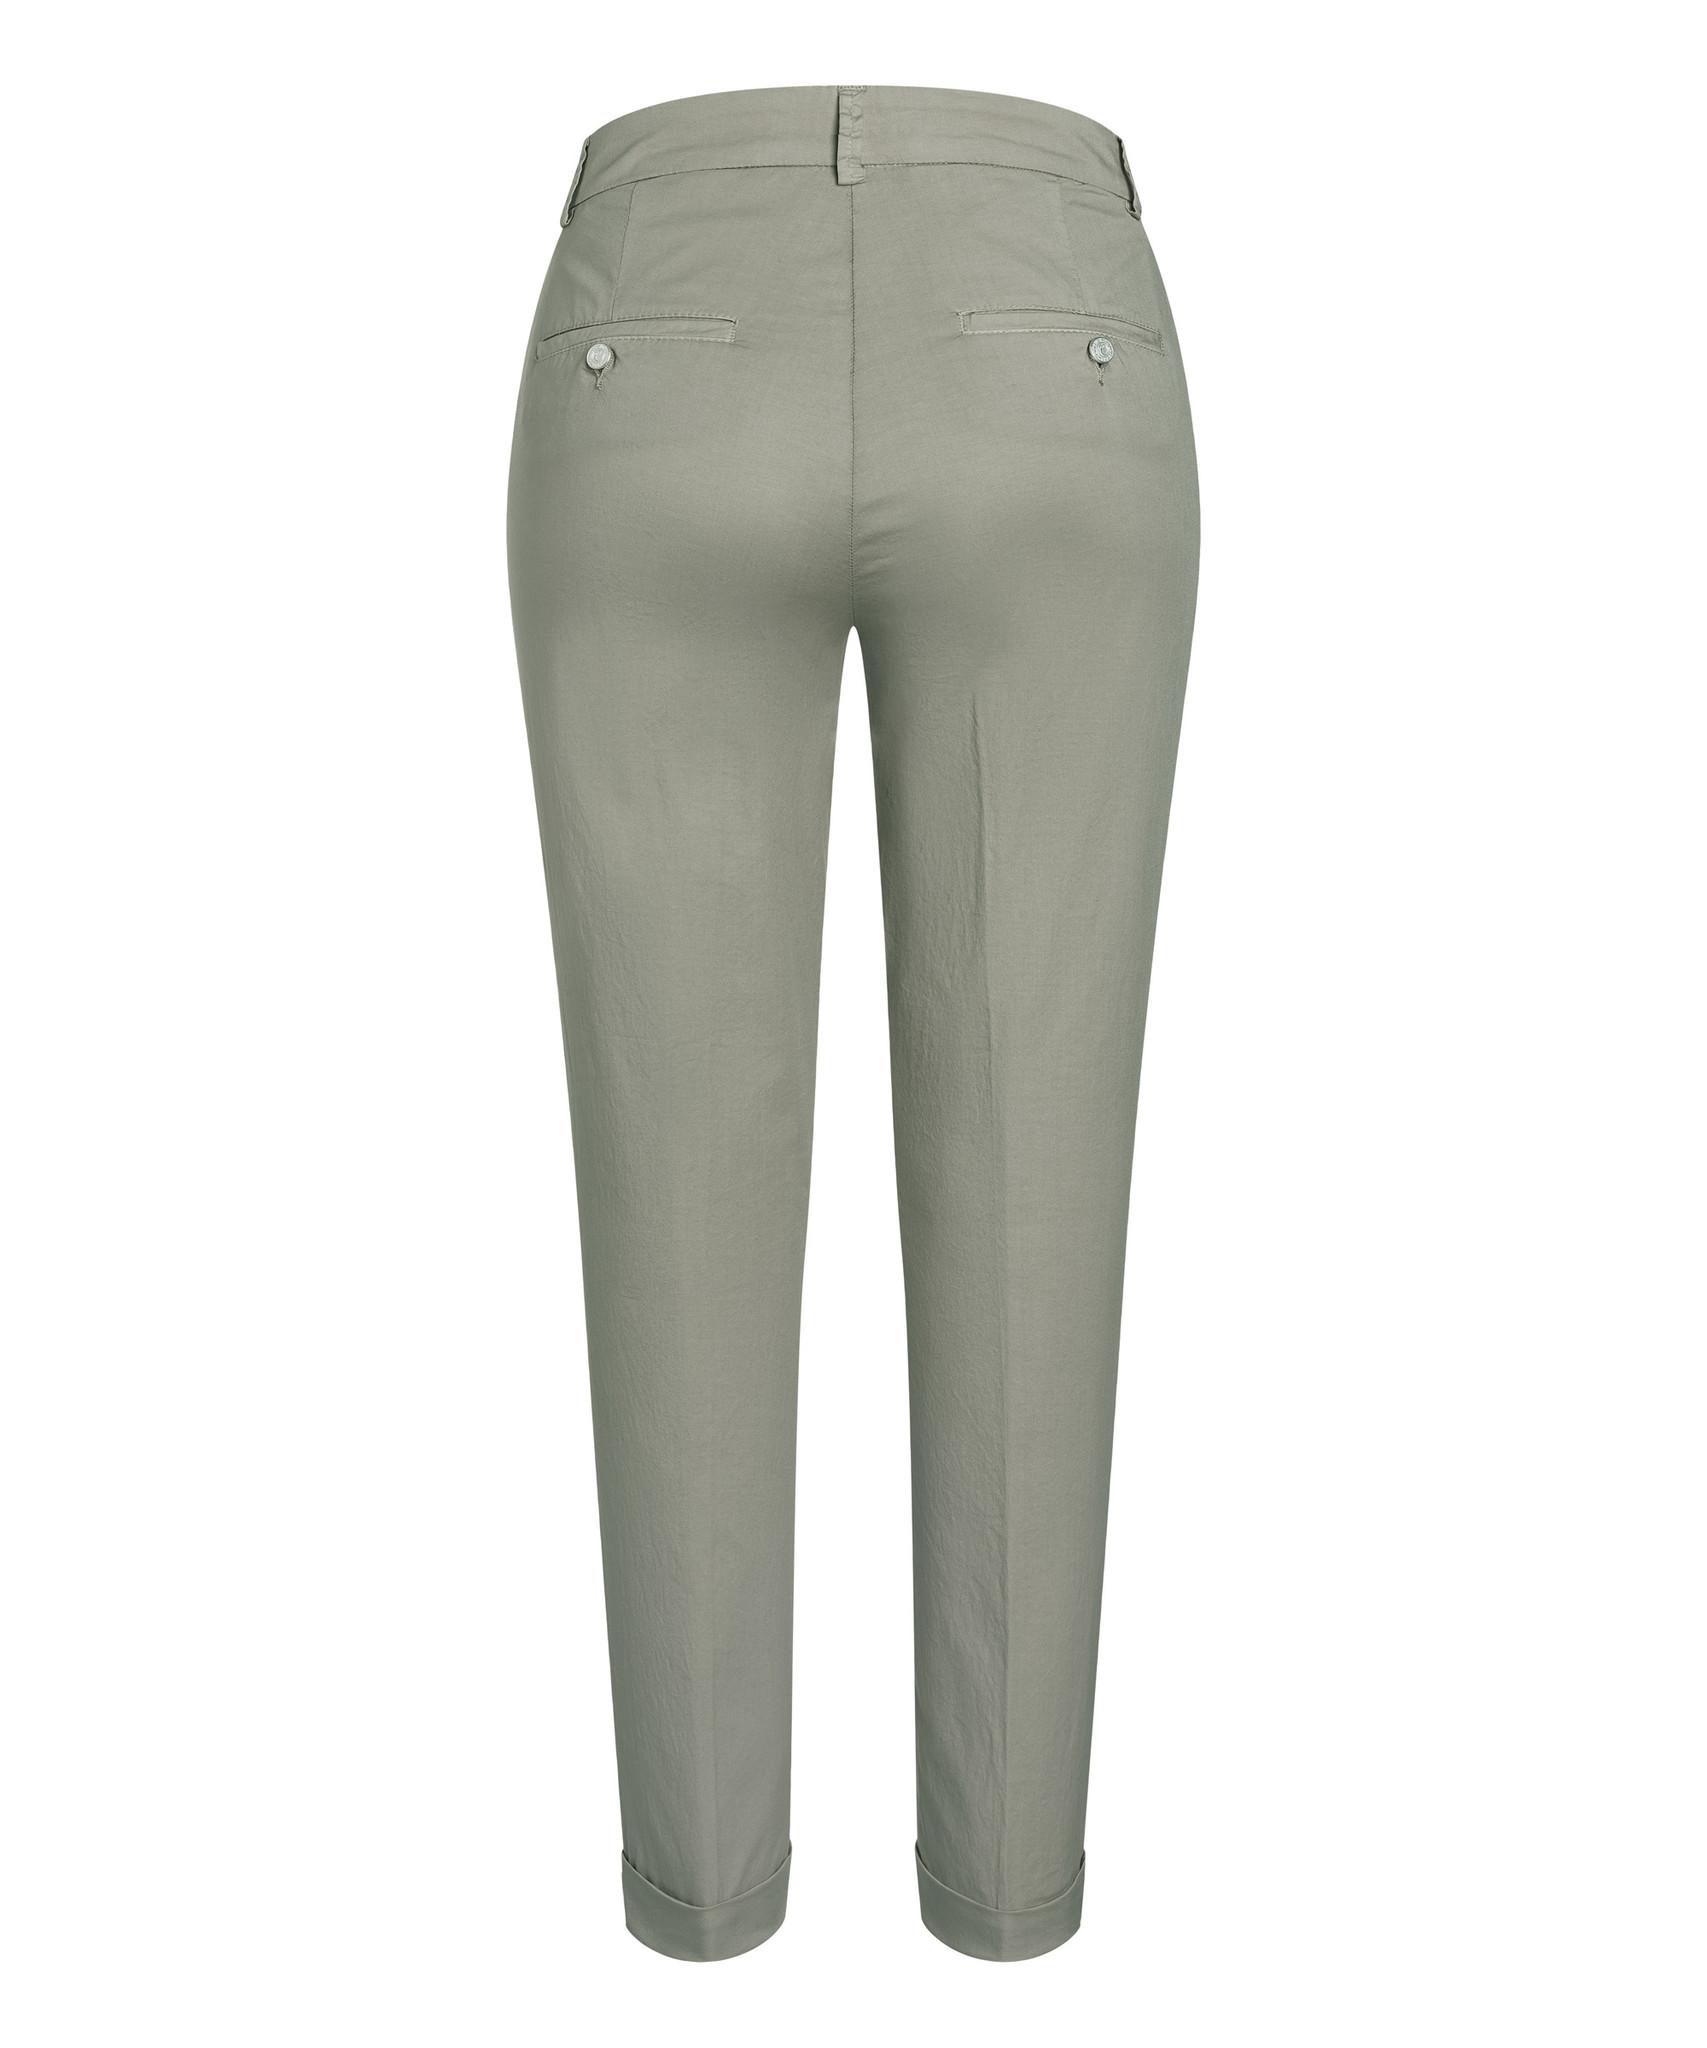 Cambio trouser 7642 STELLA-2